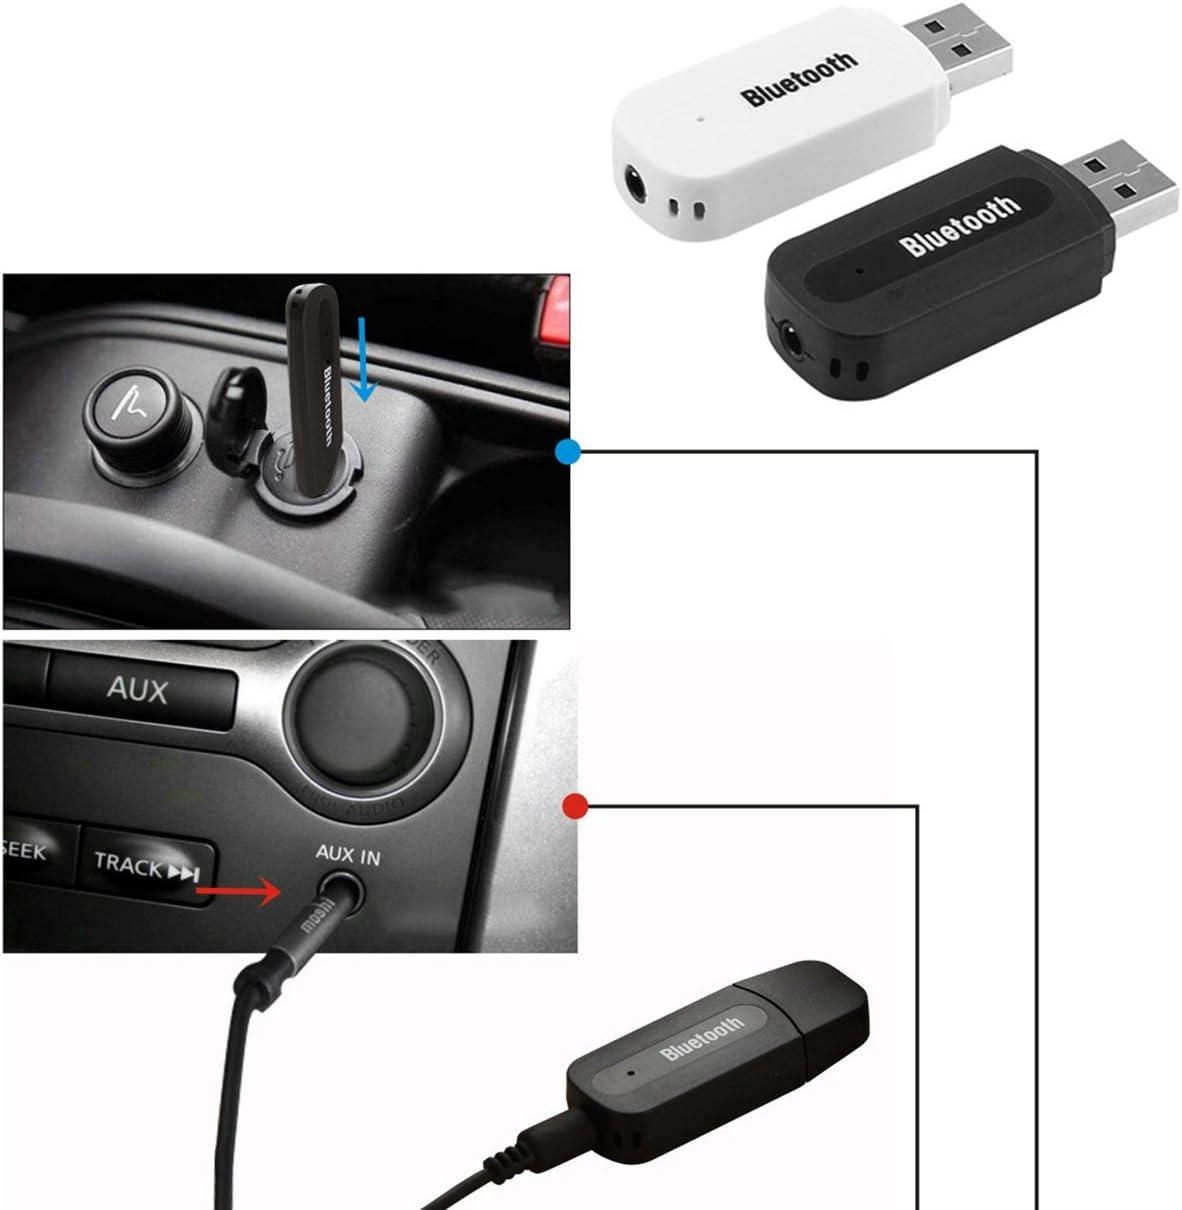 FHJZXDGHNXFGH Adaptateur USB pour voiture Bluetooth Jack 3.5mm R/écepteur Bluetooth Lecteur de musique Mains-libres couleur: noir